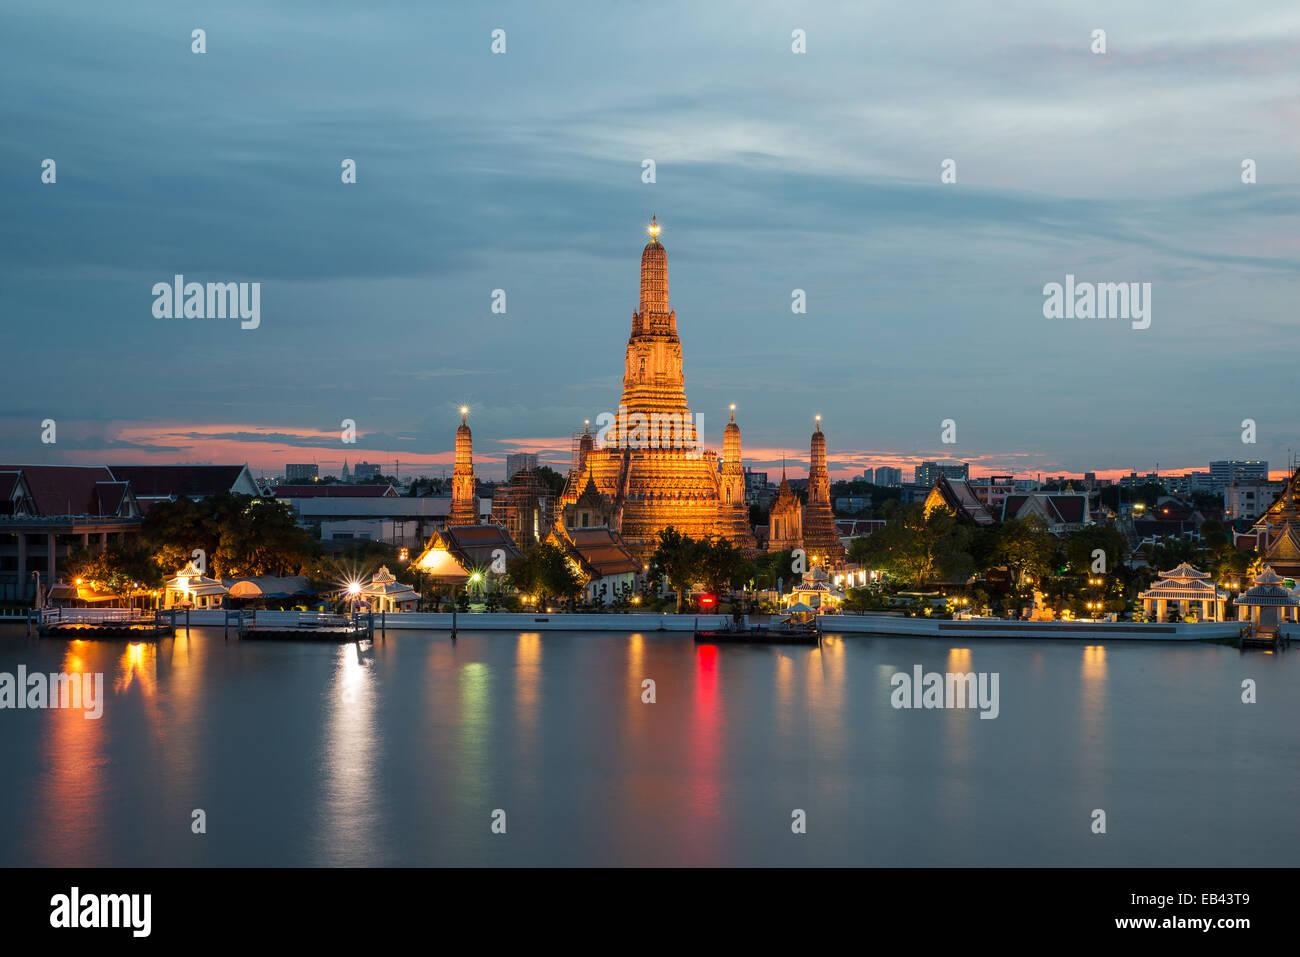 Wat Arun lugares religiosos budistas en tiempo crepuscular, Bangkok, Tailandia Imagen De Stock